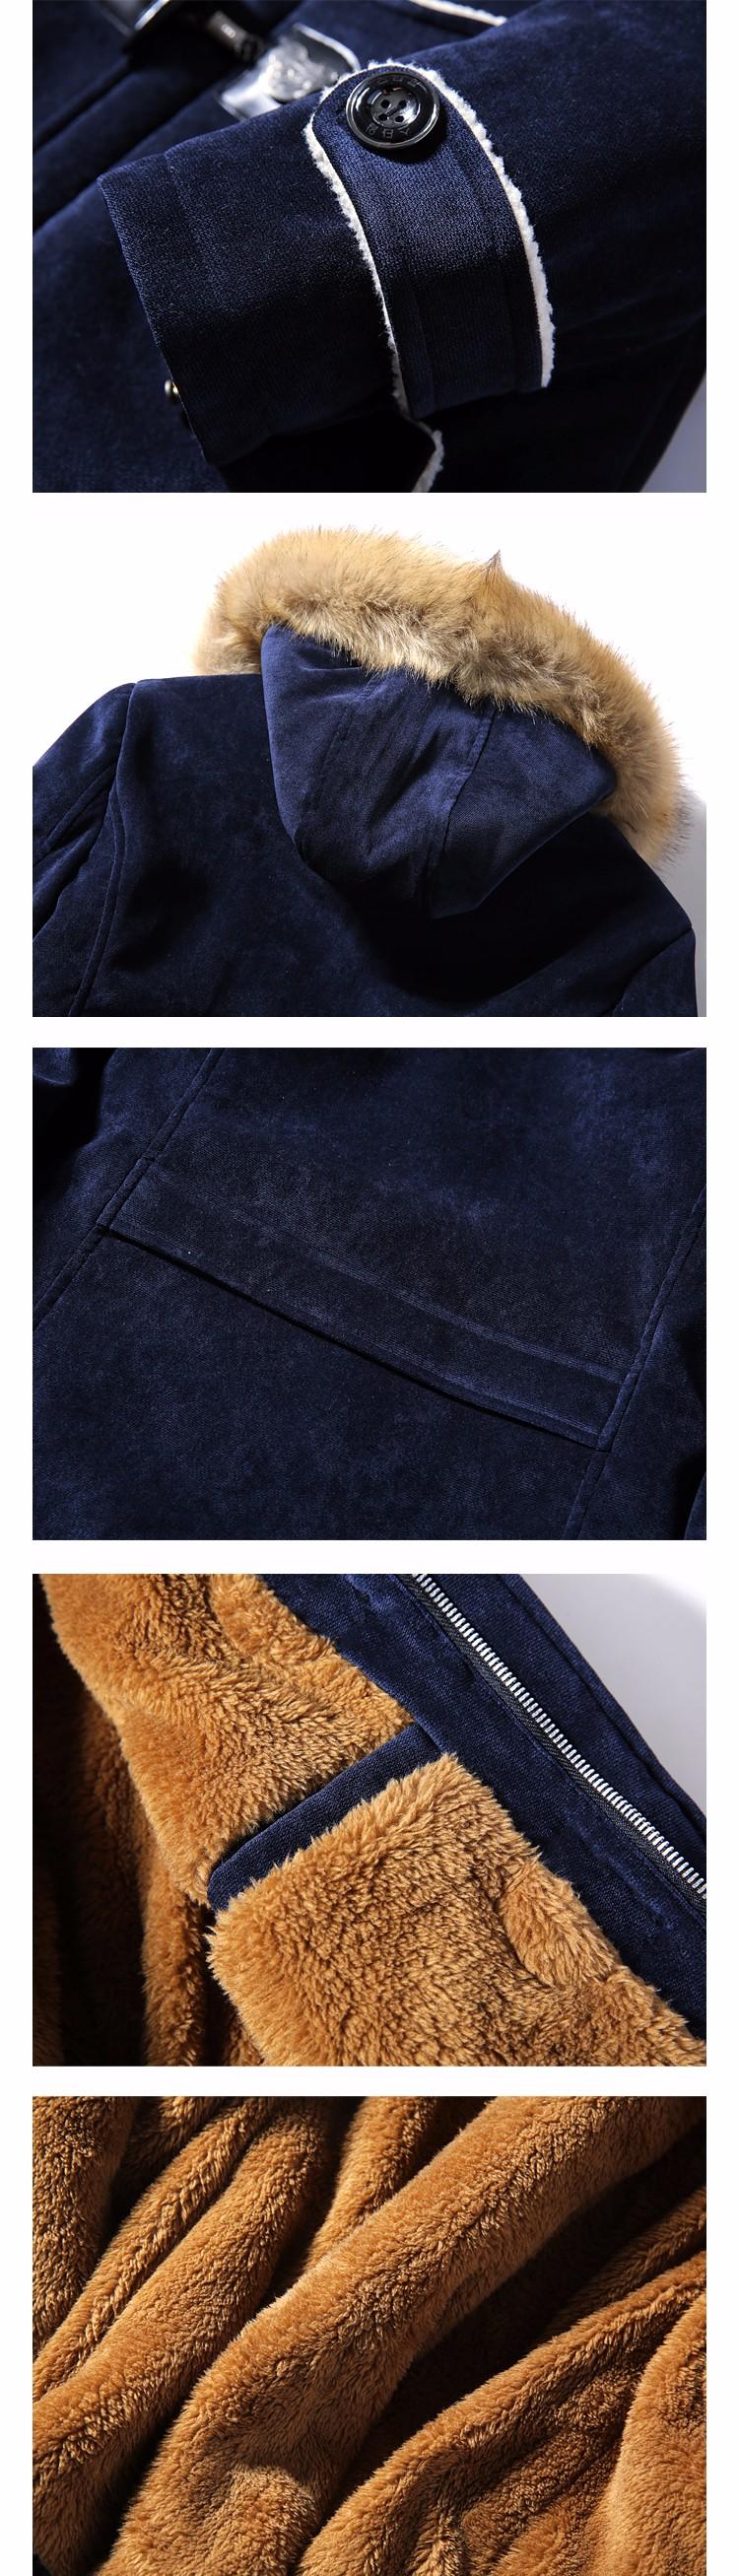 Скидки на Jaqueta masculina толстых мужчин Плюс бархатная куртка мужской Оленьей кожи, кожаные пару с капюшоном зимние куртки и пальто хлопка куртка человек